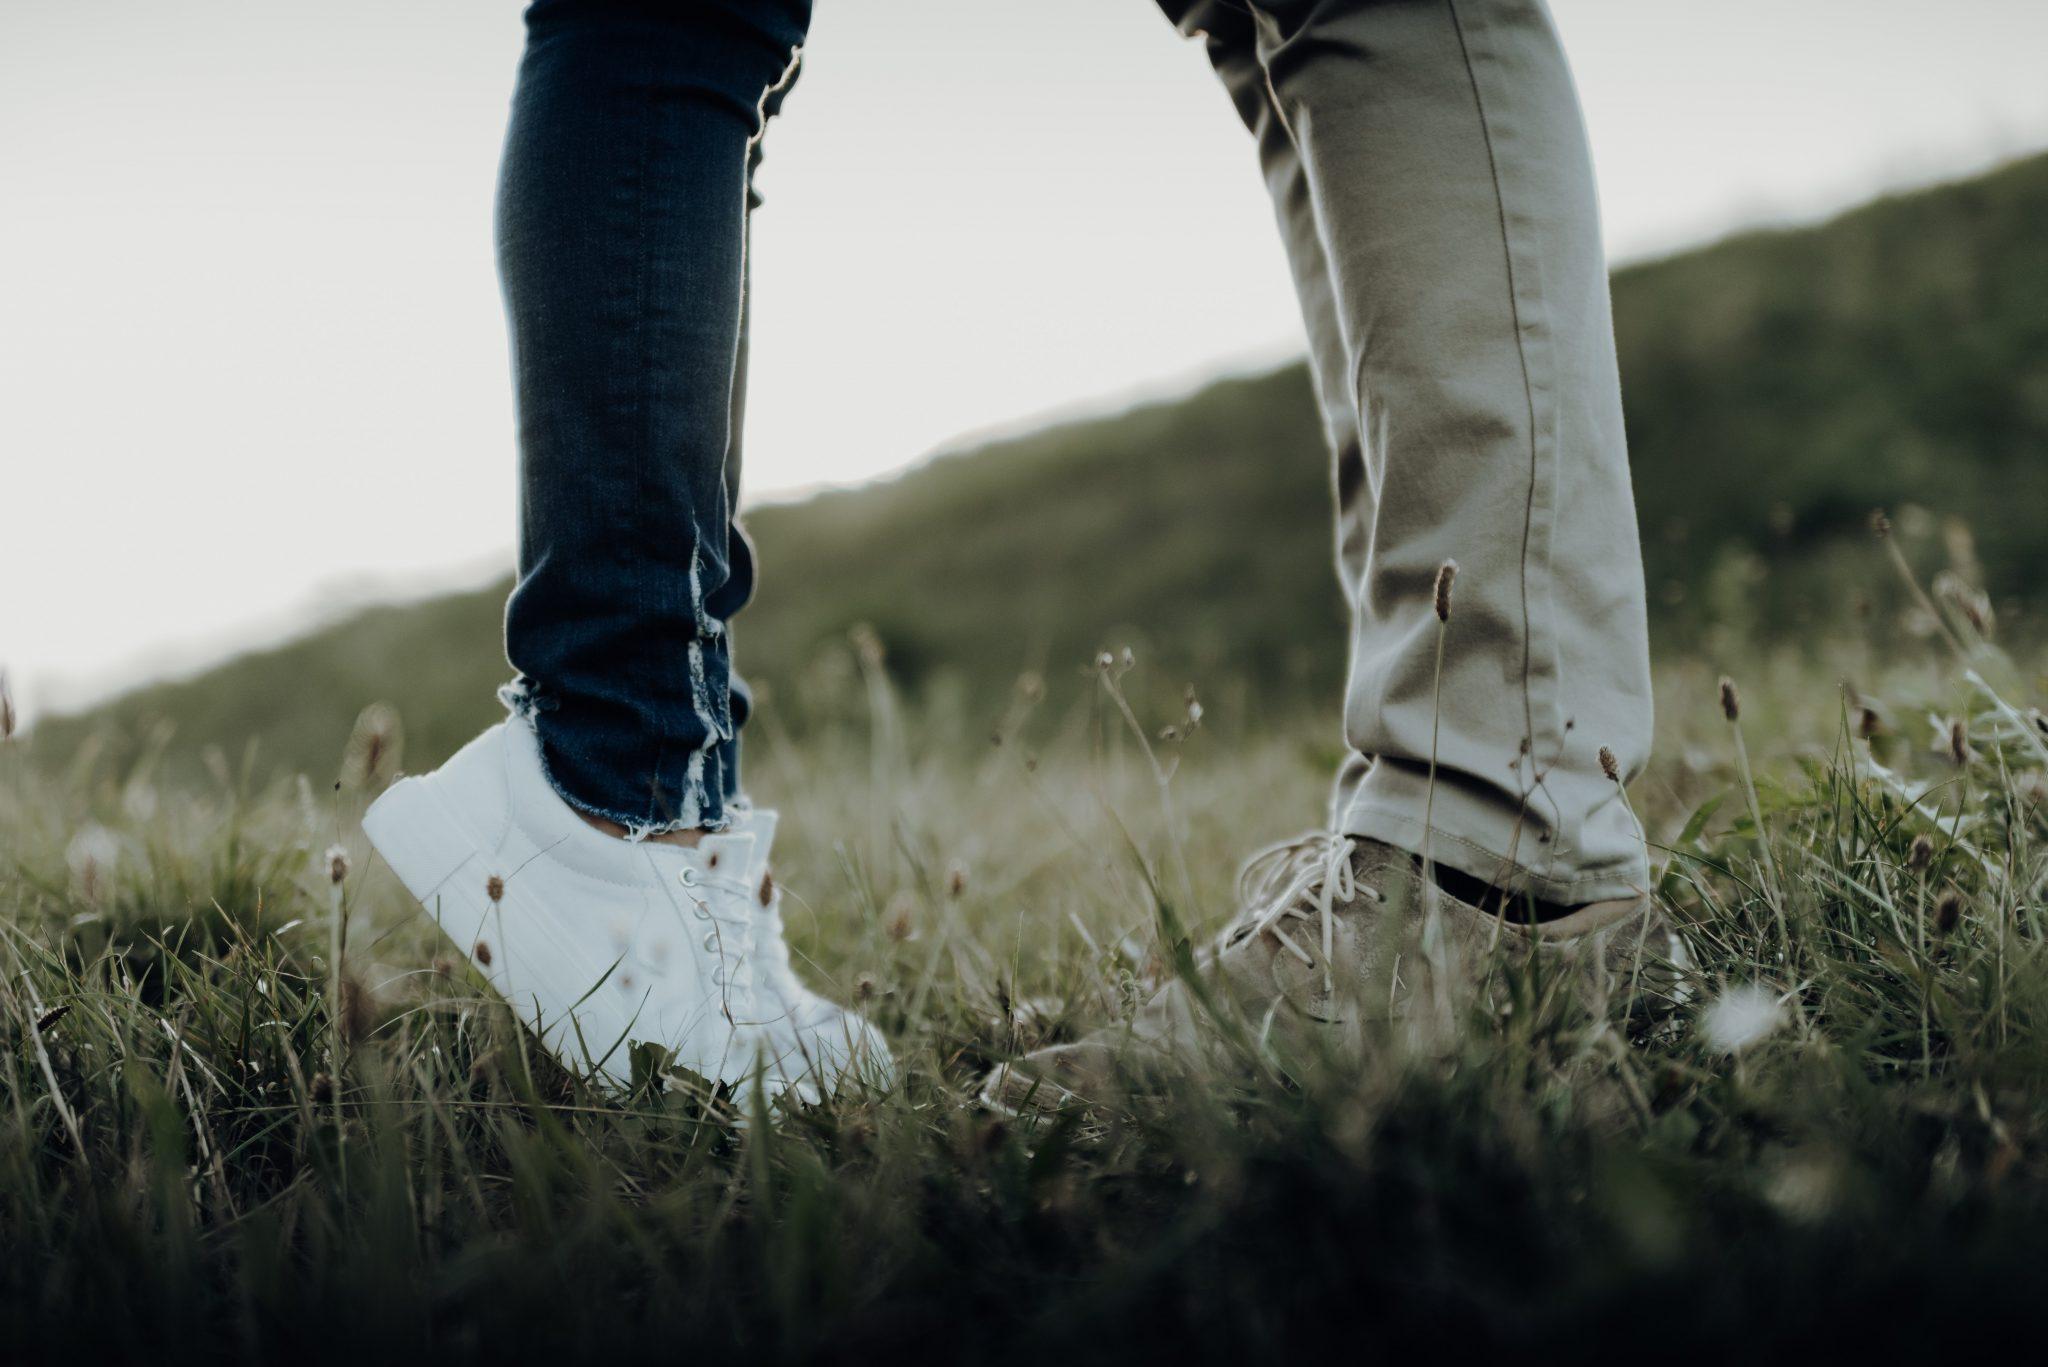 Nahaufnahme, Füße von Mann und Frau, sie steht auf Zehenspitzen